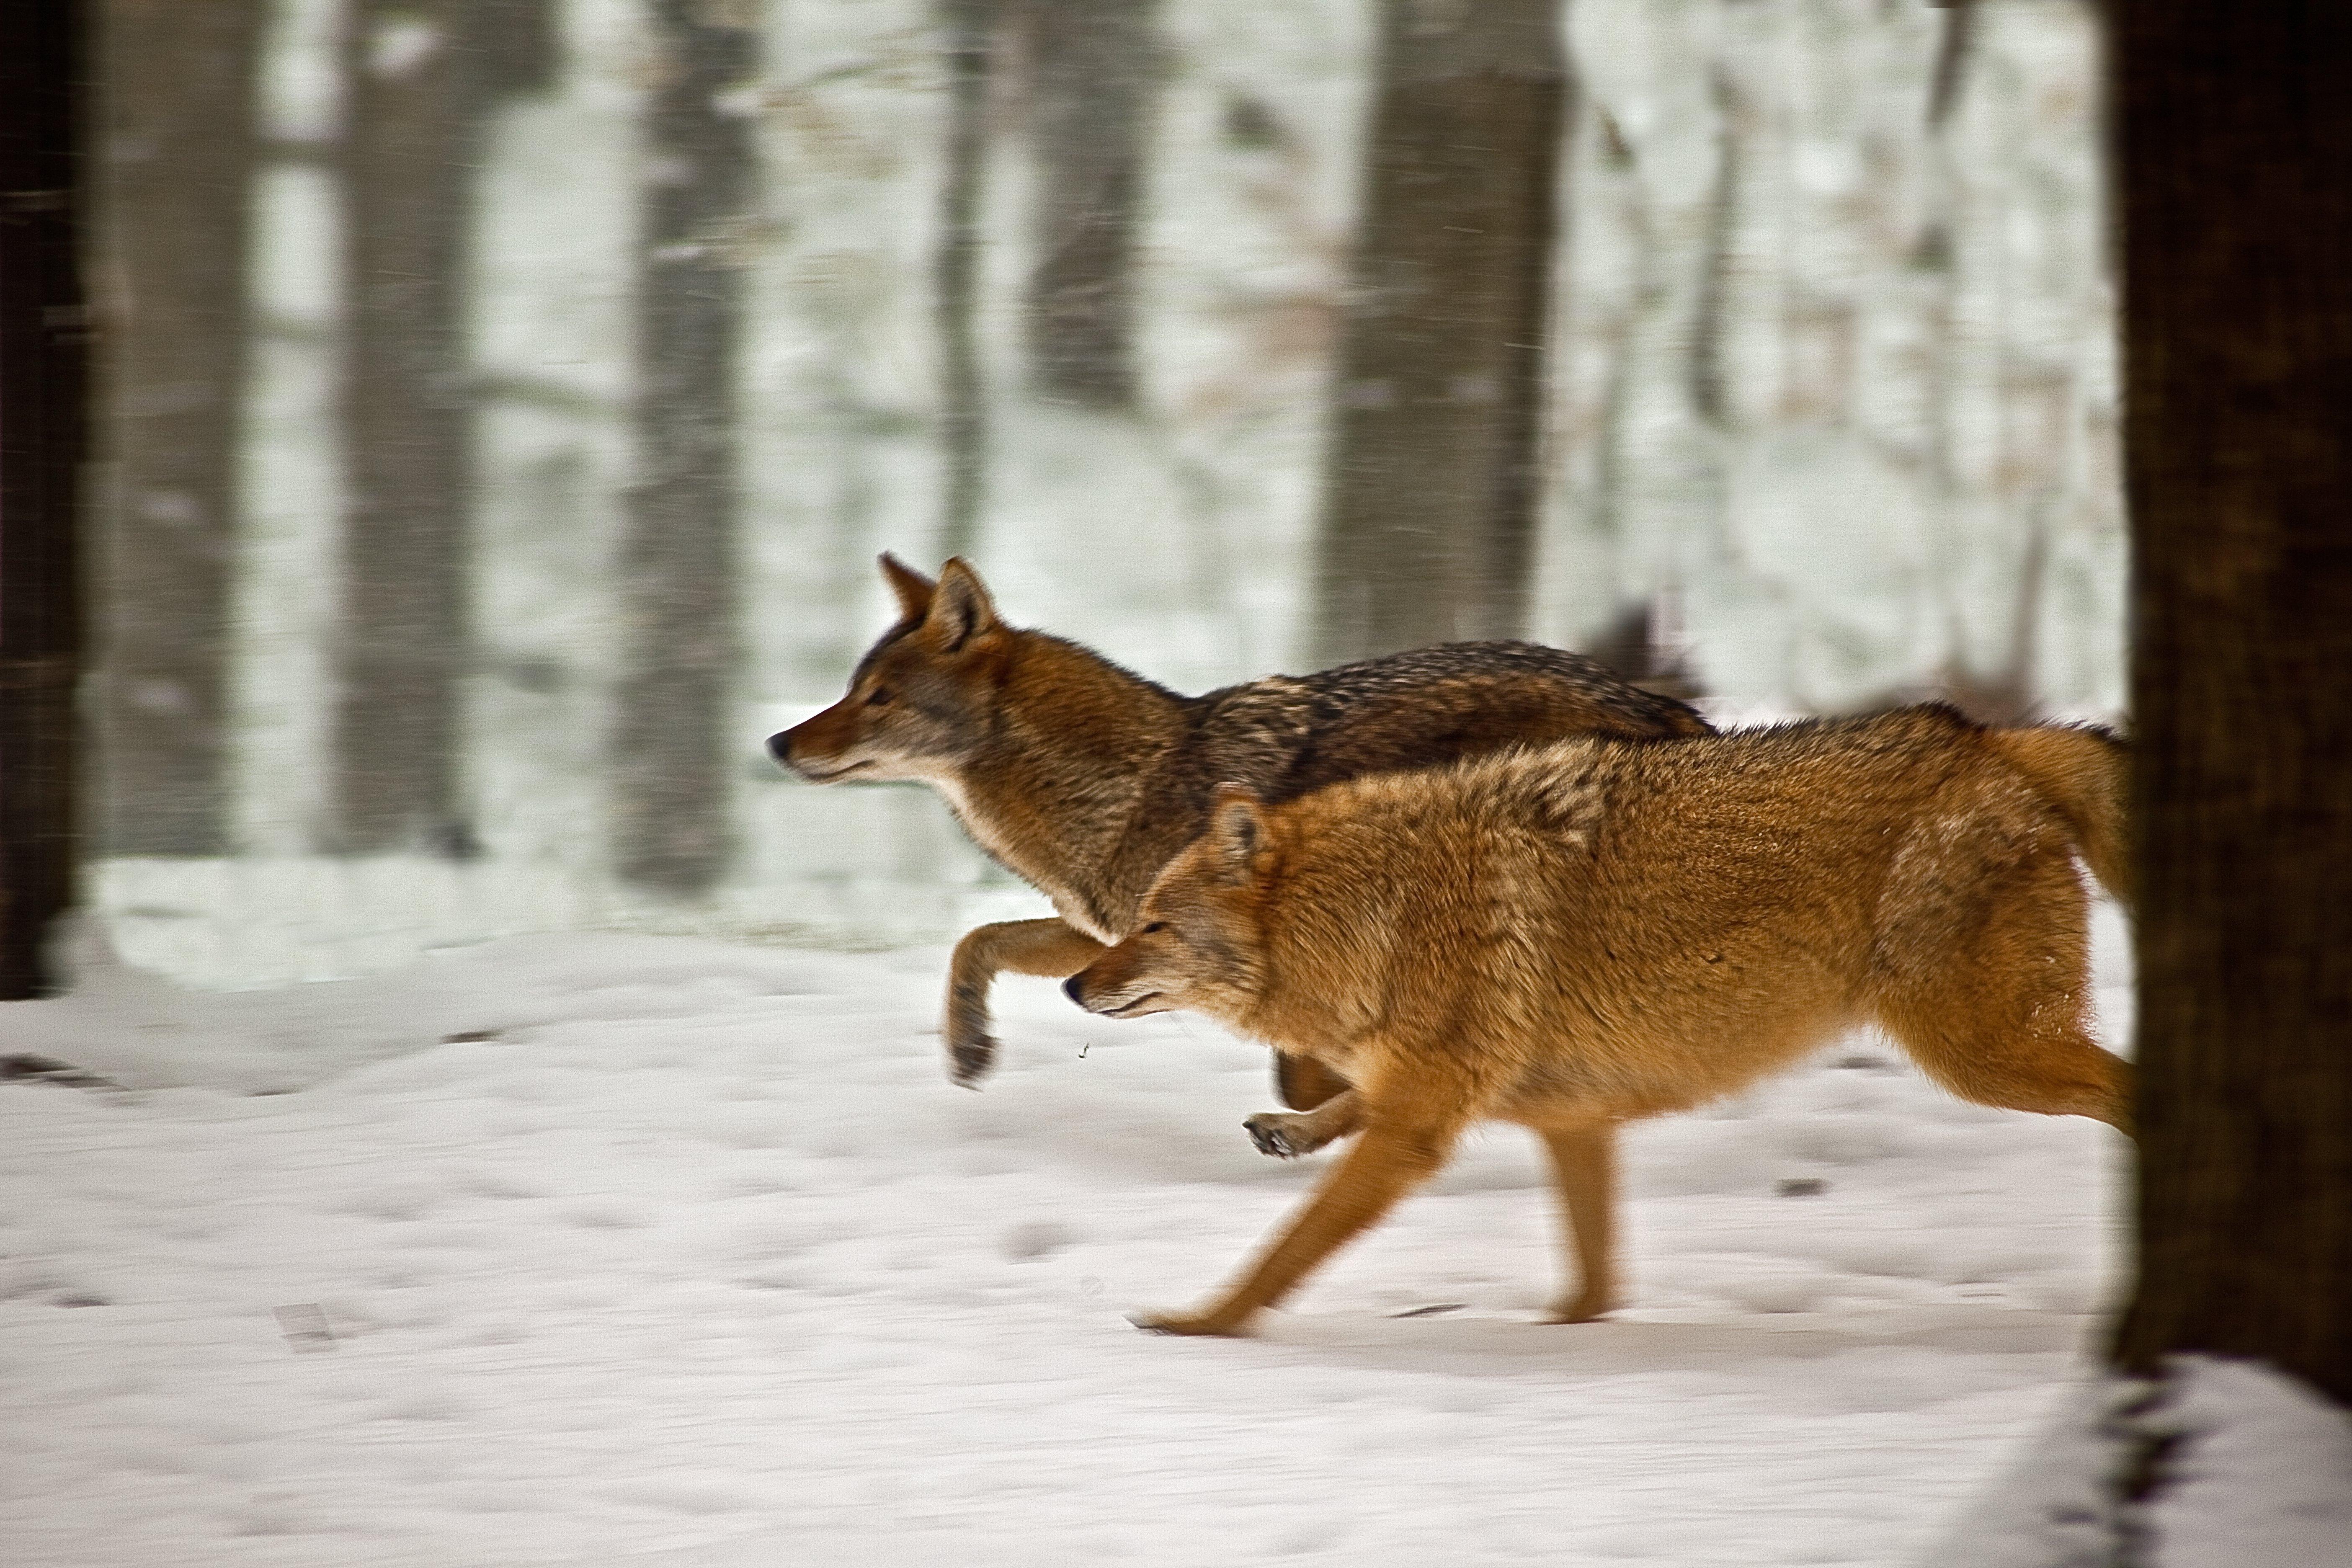 File:Coyotes-running-snow - West Virginia - ForestWander.jpg  File:Coyotes-ru...